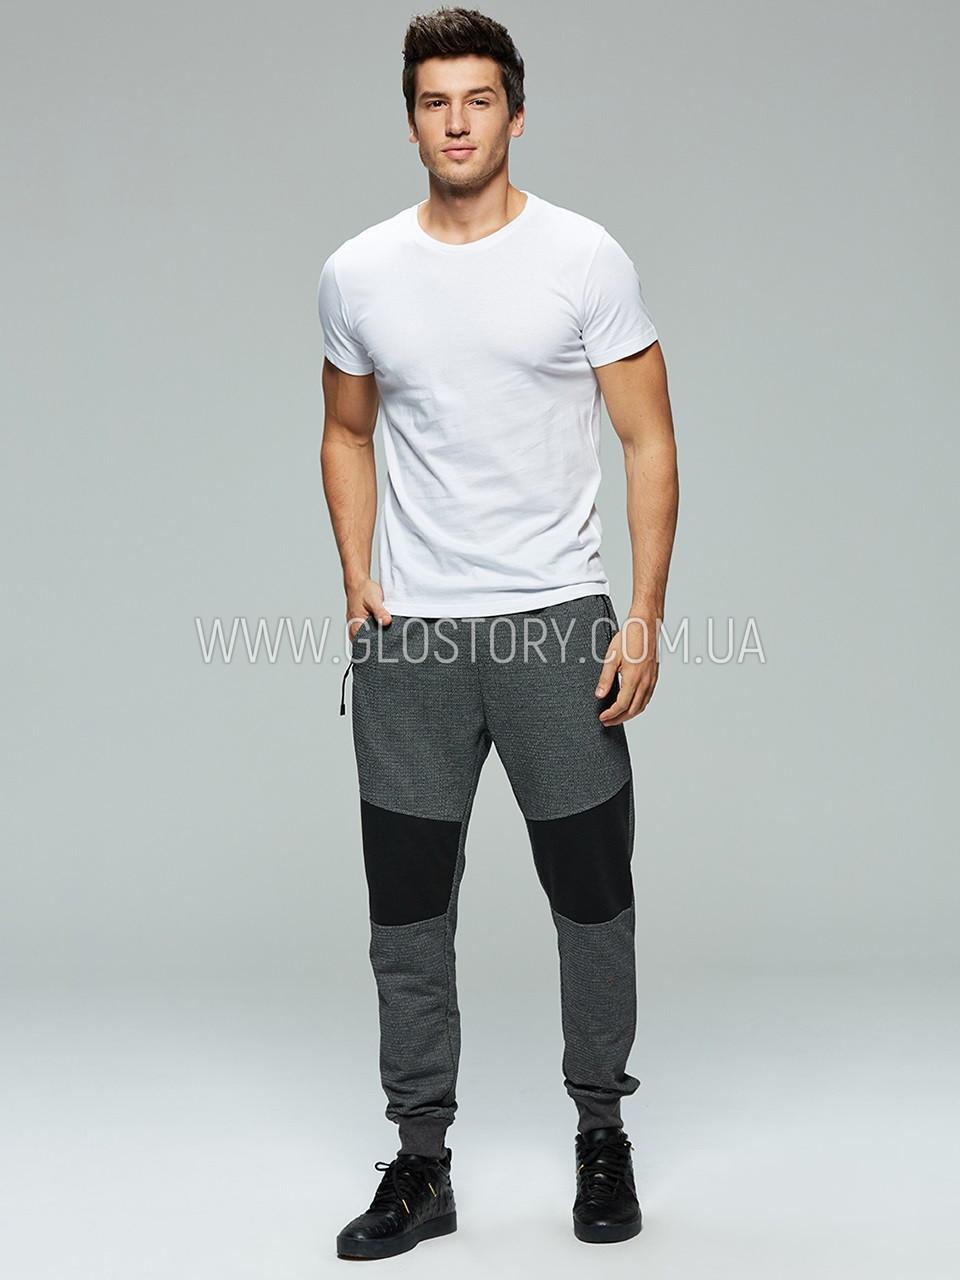 Мужские спортивные штаны на флисе GLO-Story,Венгрия